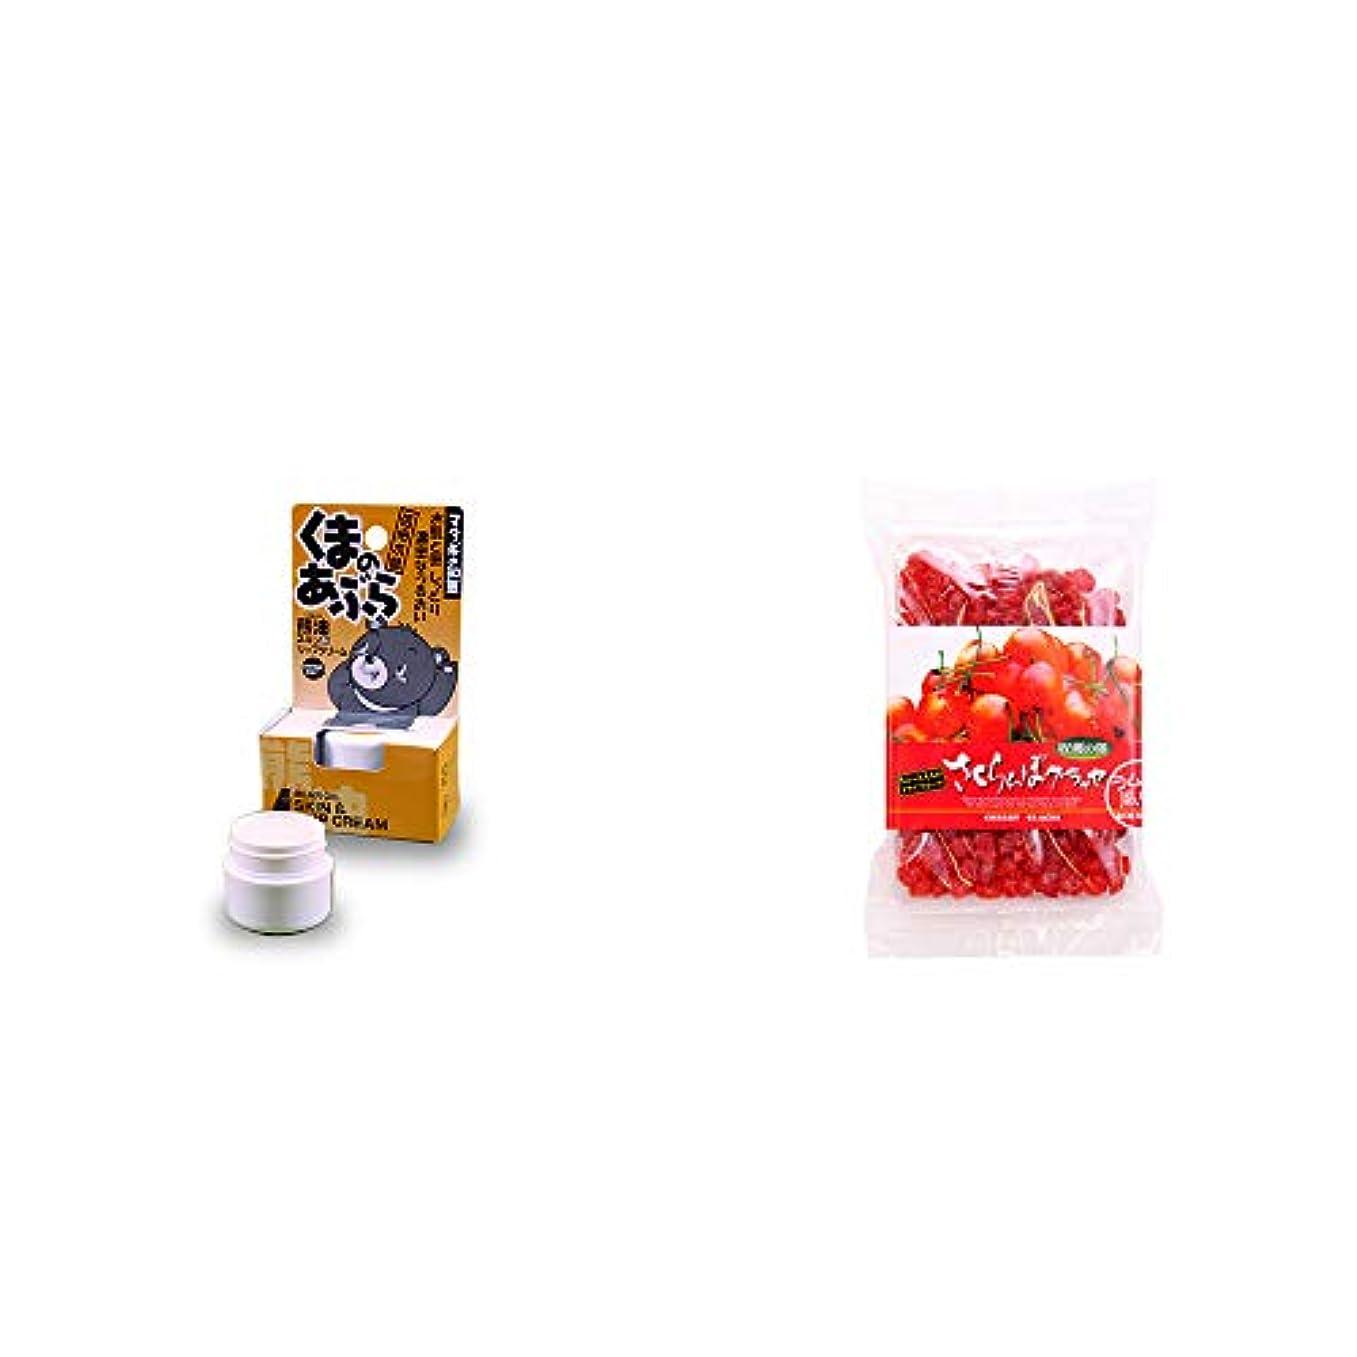 鉱夫二層東ティモール[2点セット] 信州木曽 くまのあぶら 熊油スキン&リップクリーム(9g)?収穫の朝 さくらんぼグラッセ ラム酒風味(180g)